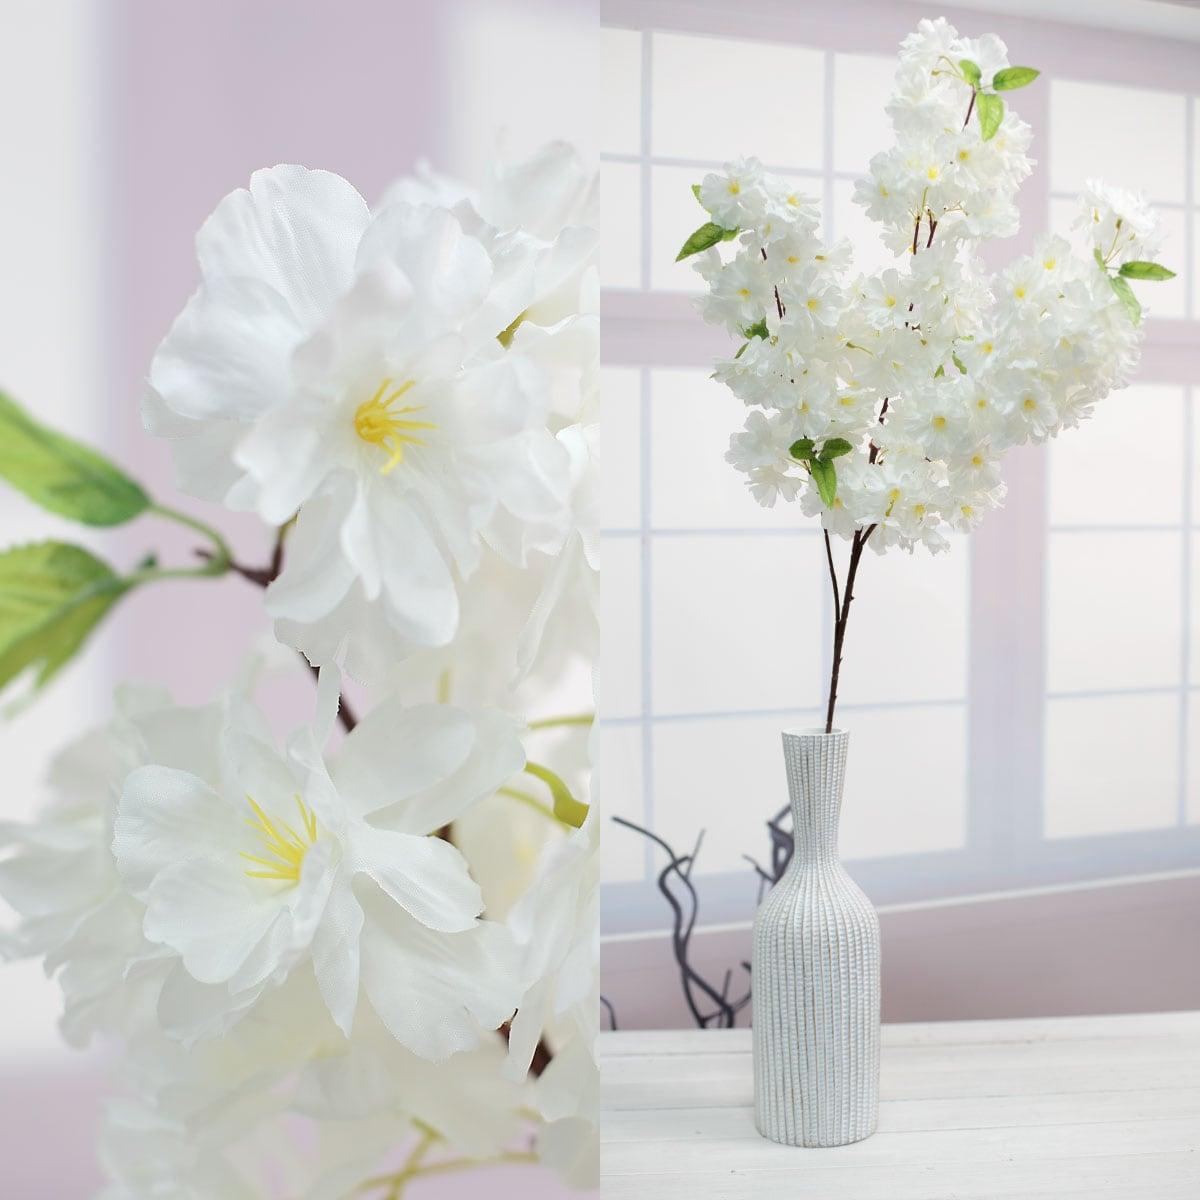 크림색 꽃송이 디테일, 한줄기 화병사진